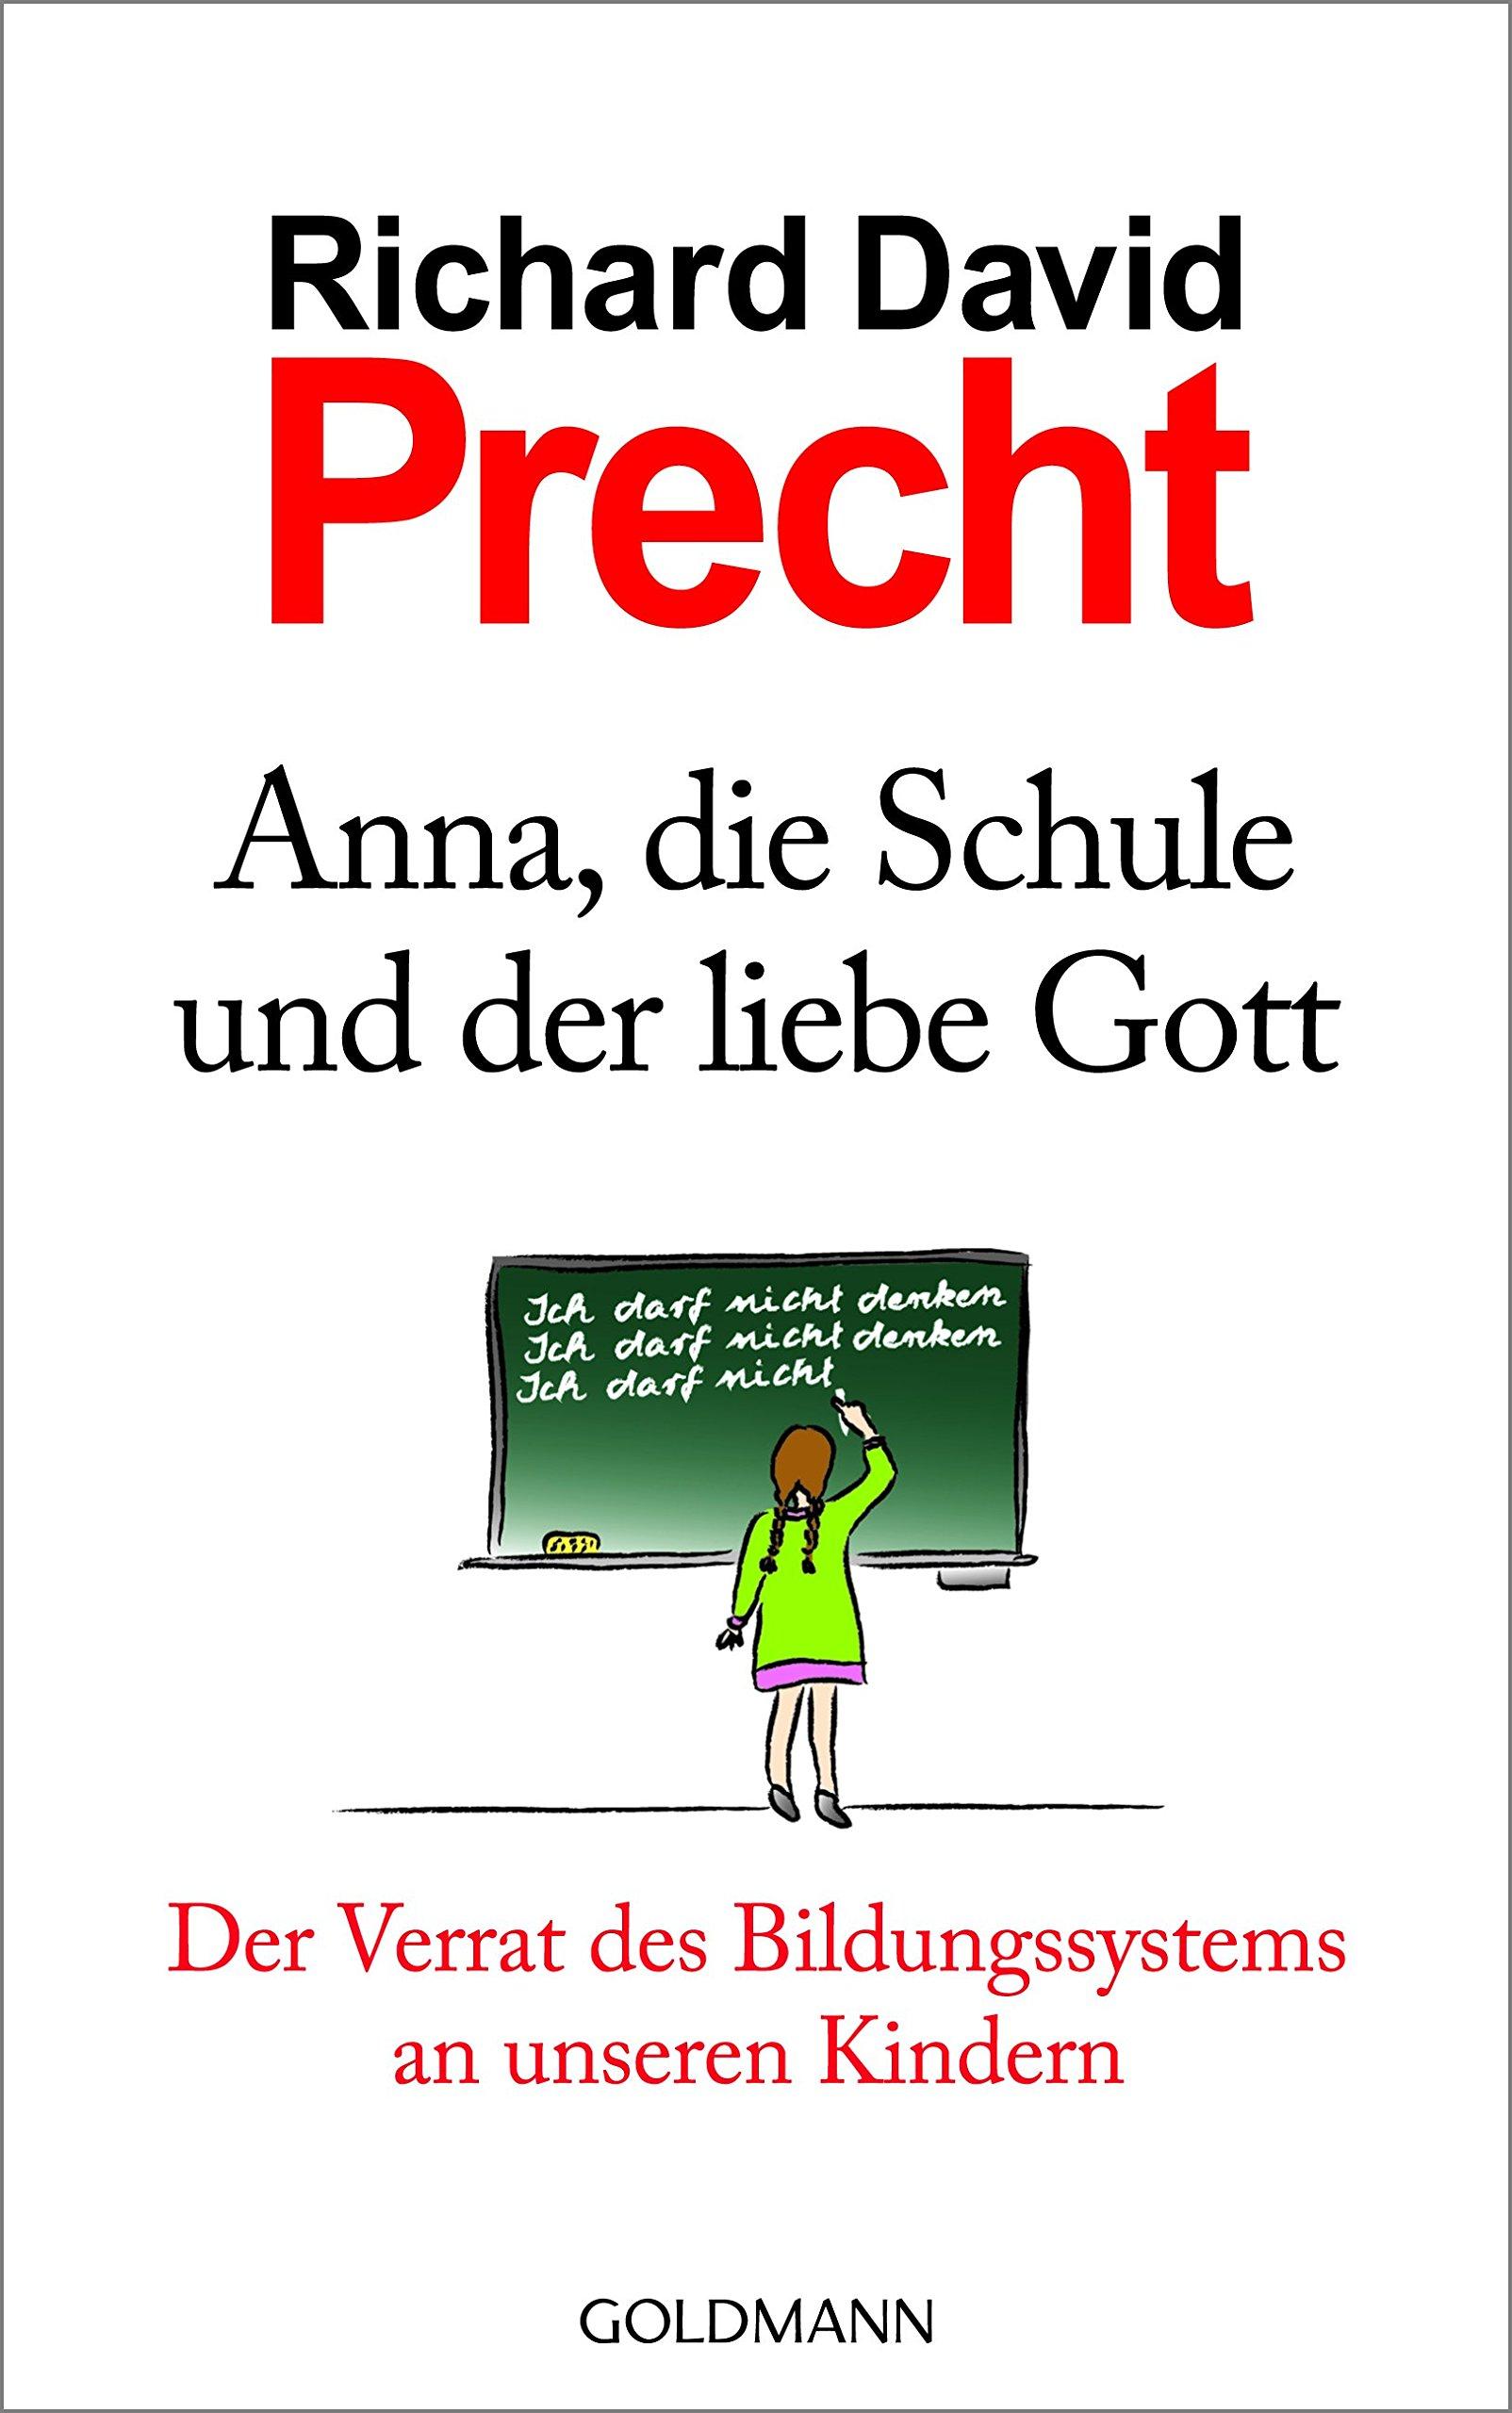 Anna, die Schule und der liebe Gott: Der Verrat des Bildungssystems an unseren Kindern